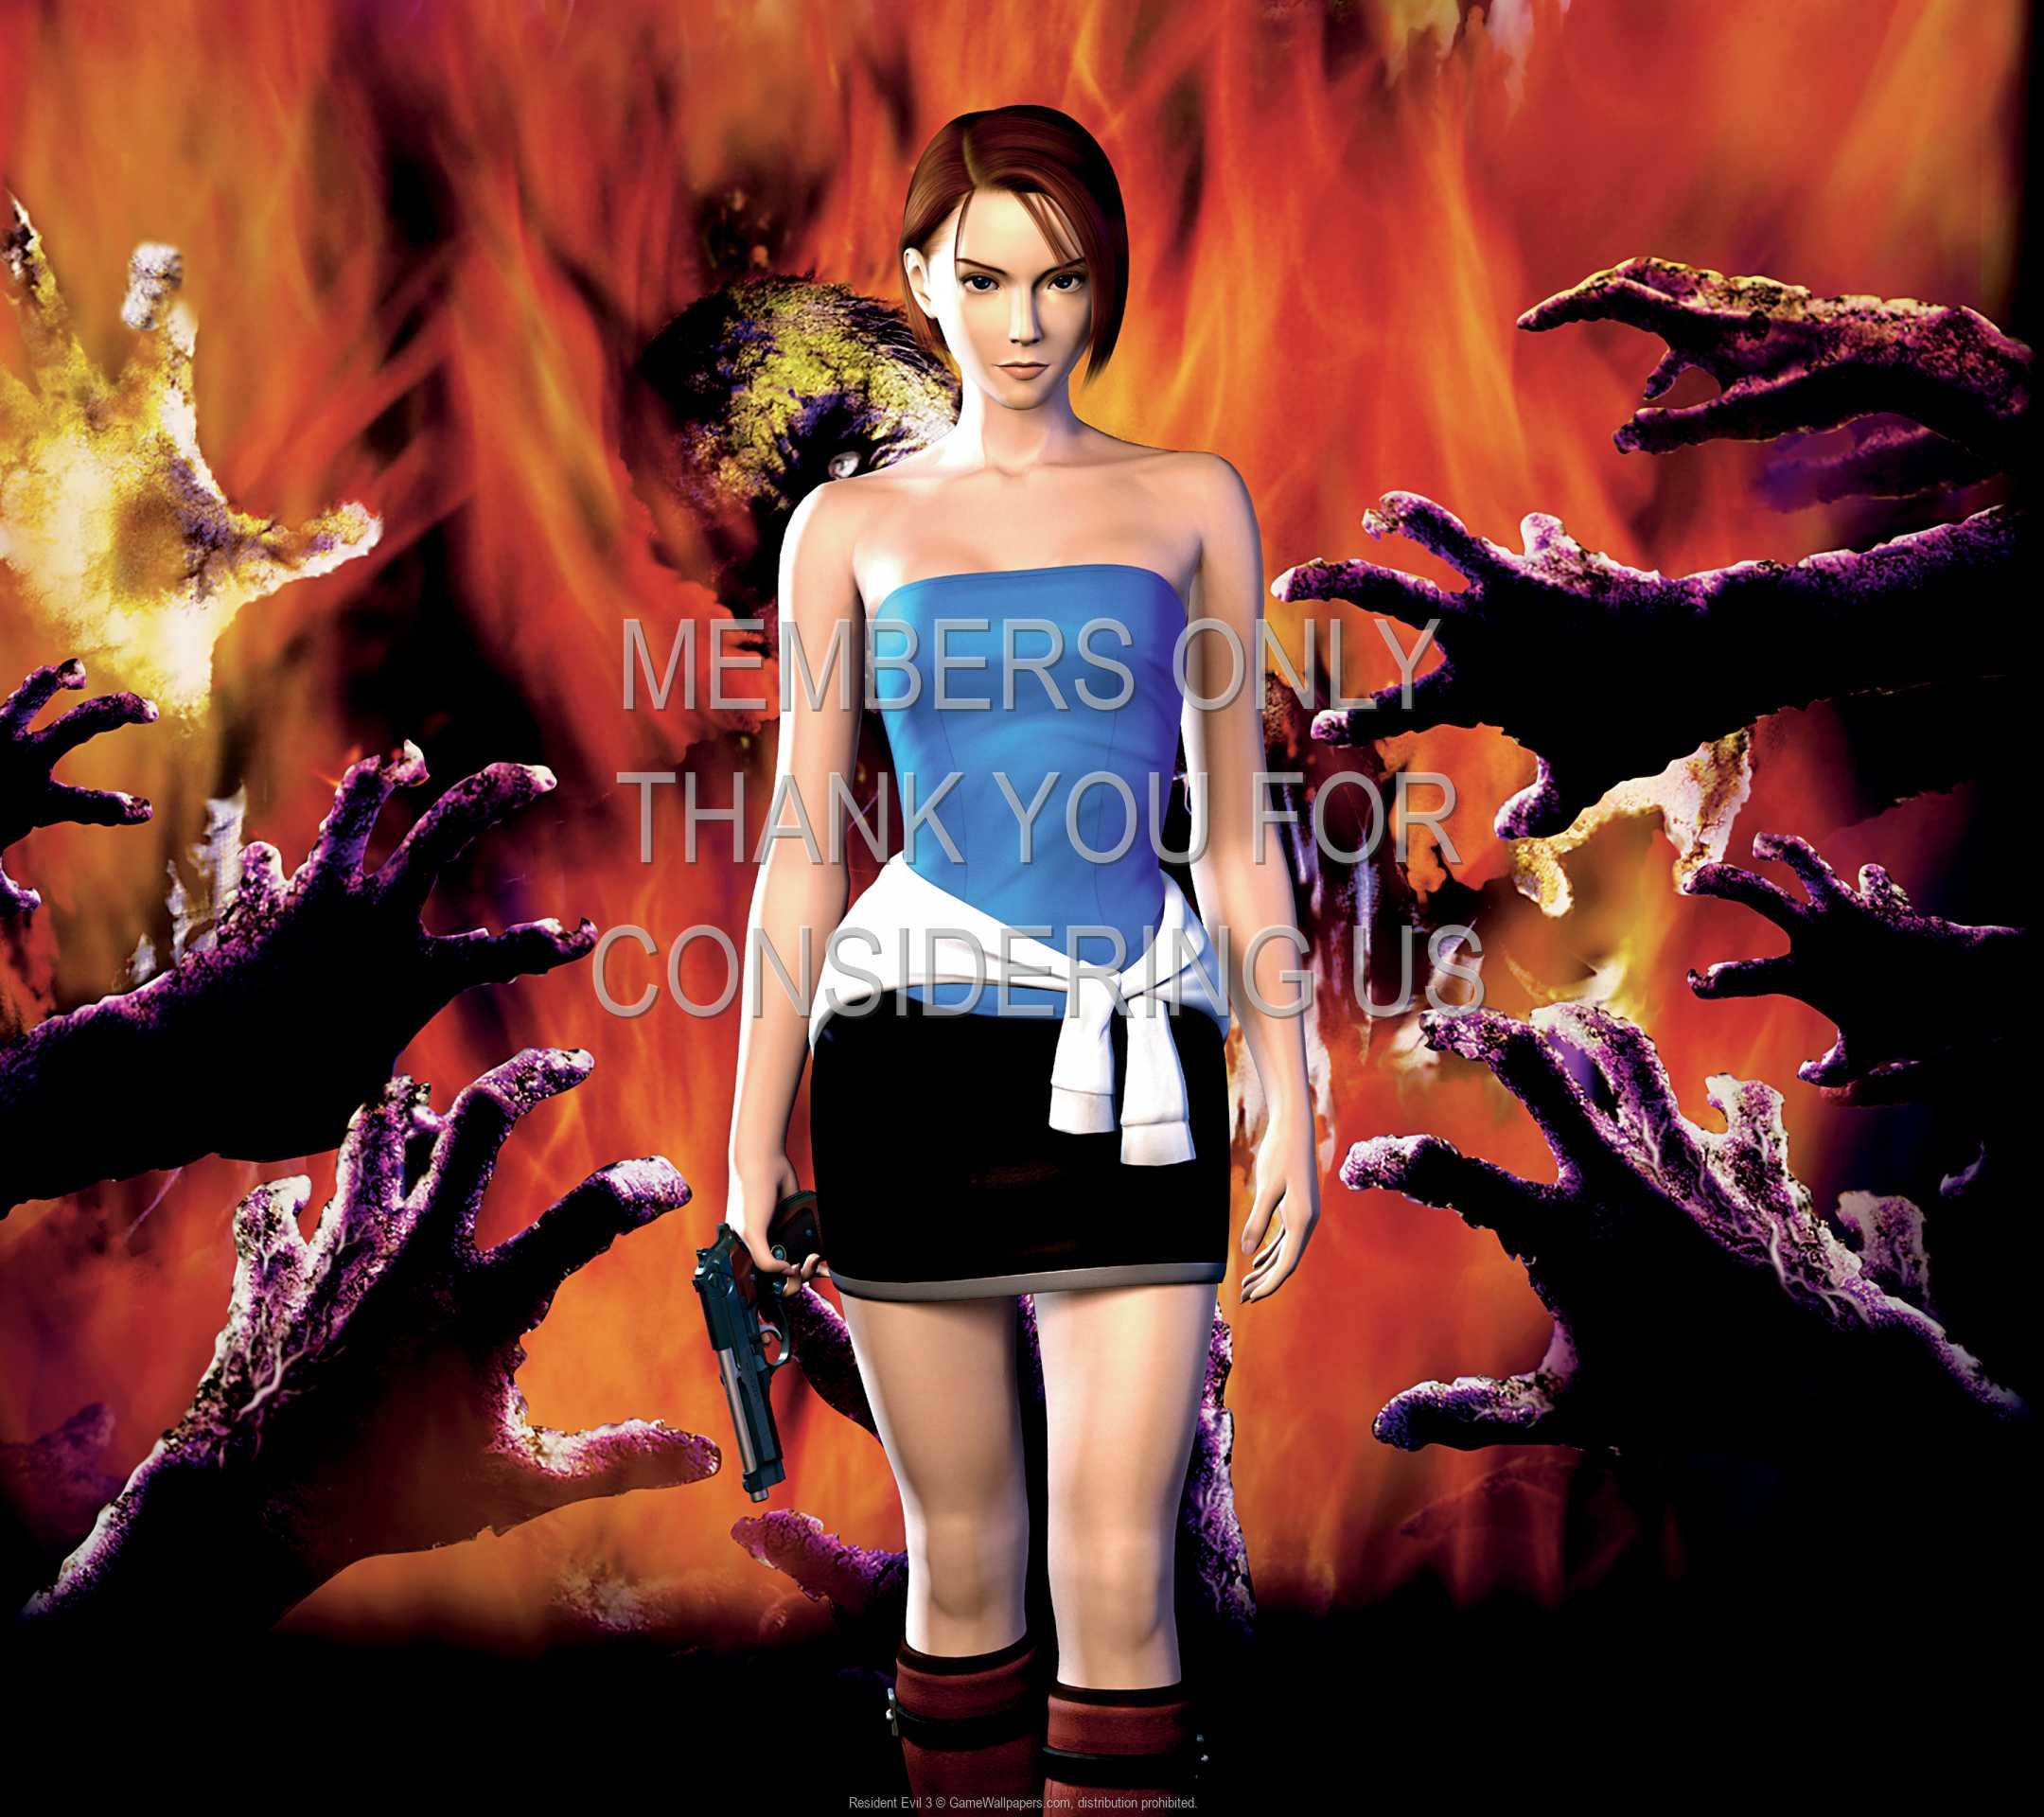 Resident Evil 3 1080p Horizontal Mobile wallpaper or background 06